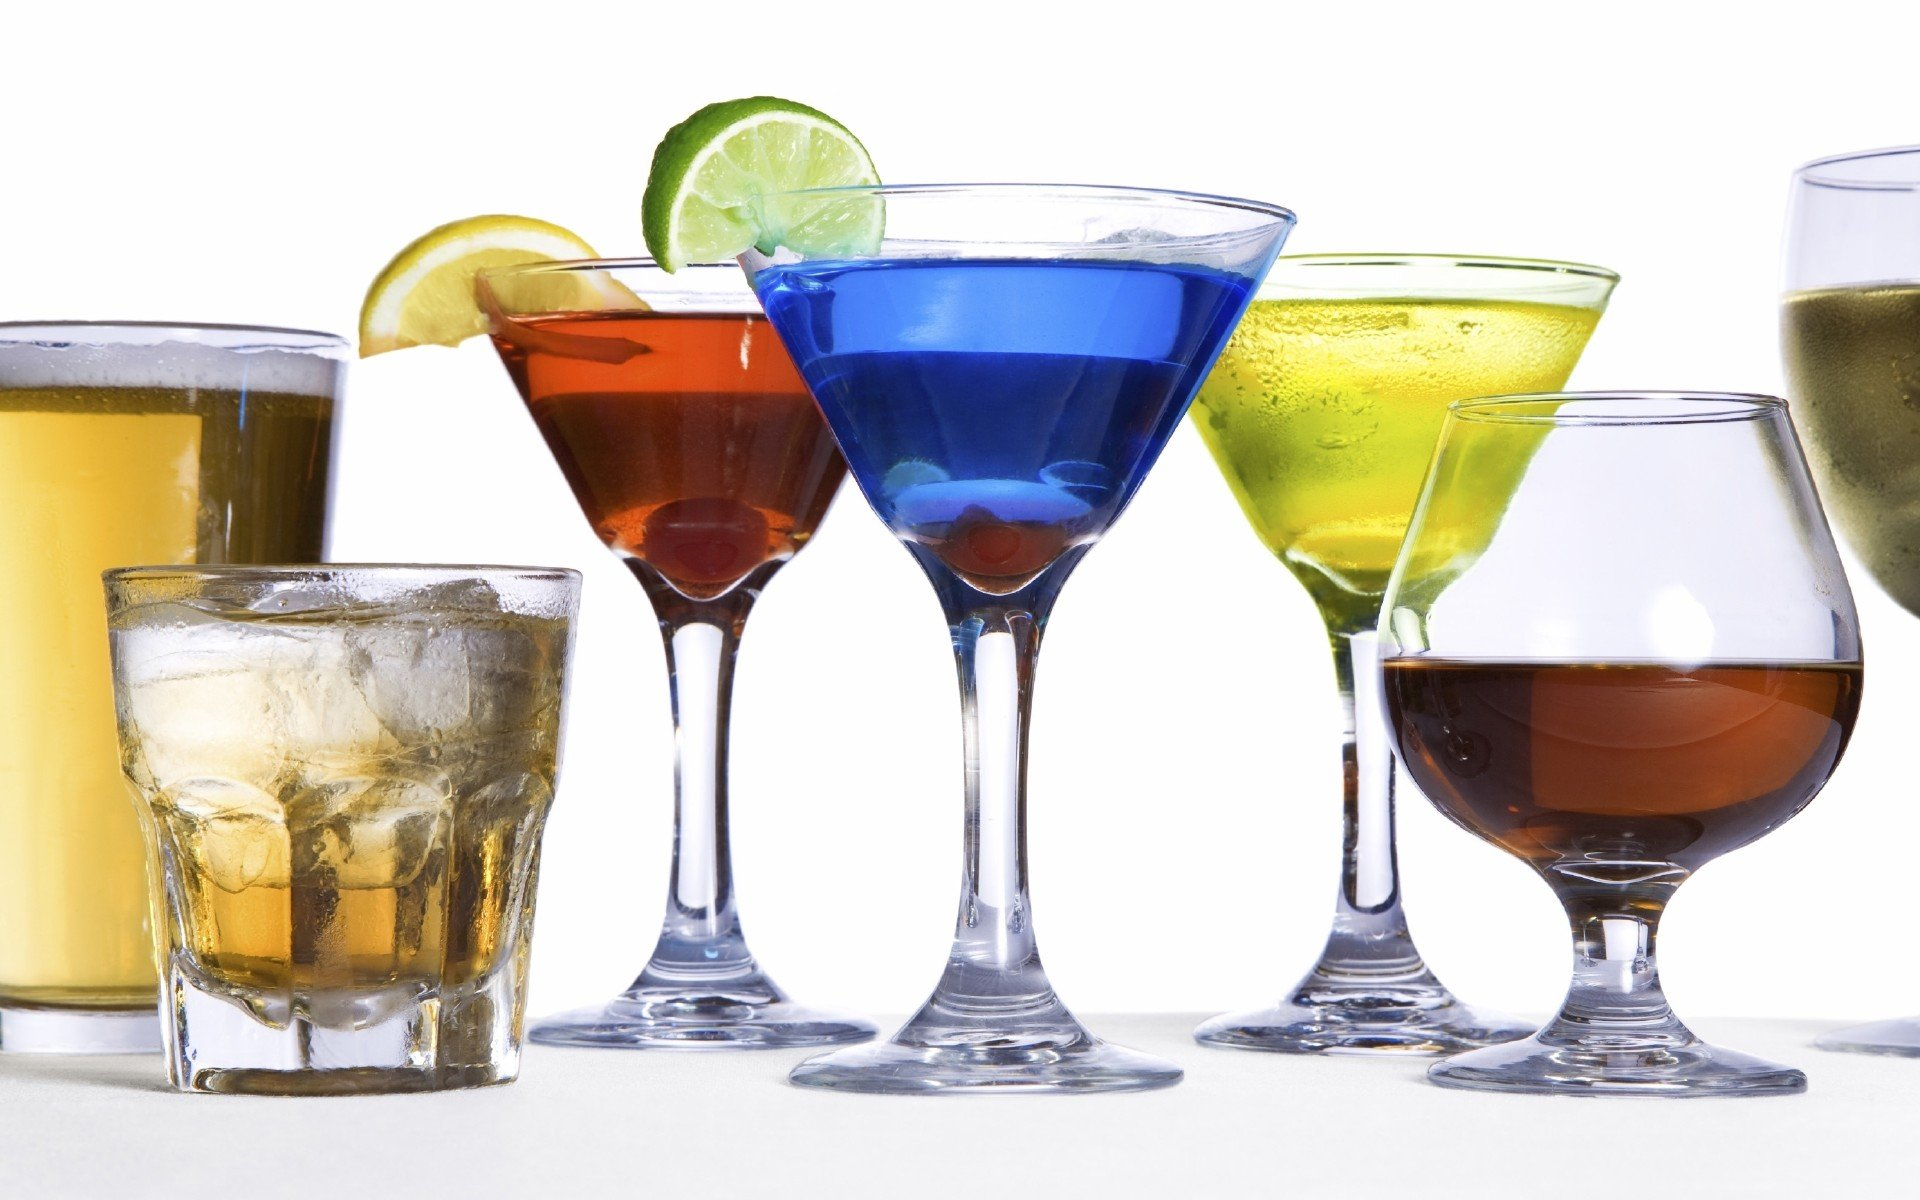 Британская газета «The Telegraph» обнародовала рейтинг самых пьющих стран